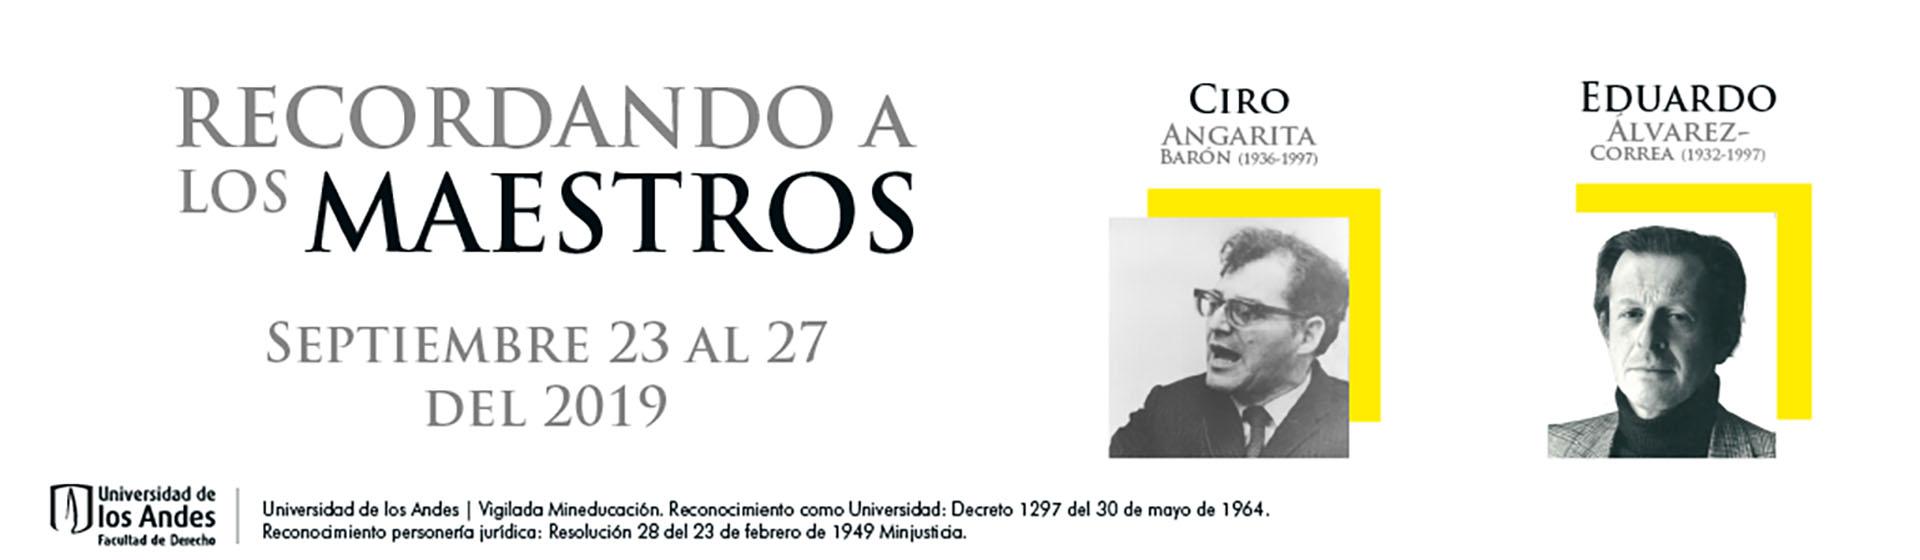 Recordando a los maestros Eduardo Álvarez Correa y Ciro Angarita Barón